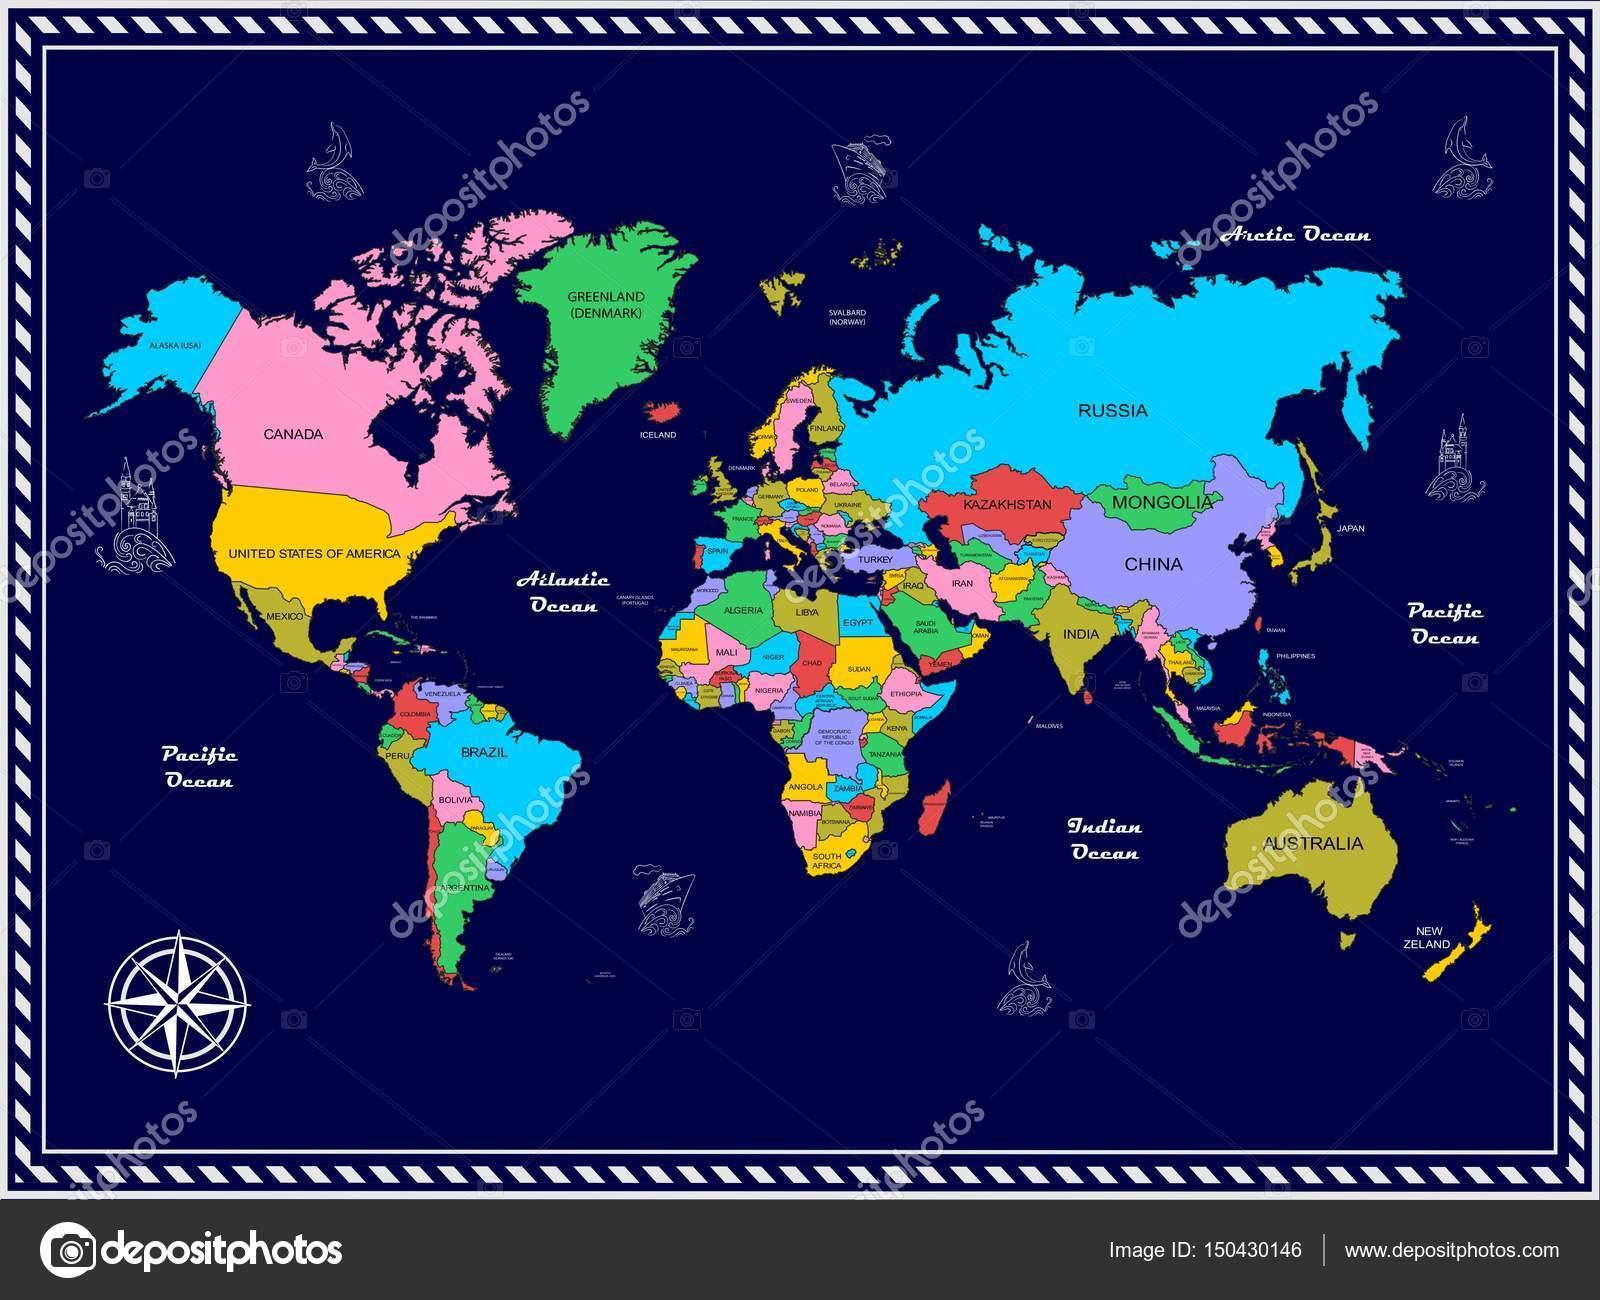 die weltkarte die Weltkarte — Stockvektor © Caribia #150430146 die weltkarte